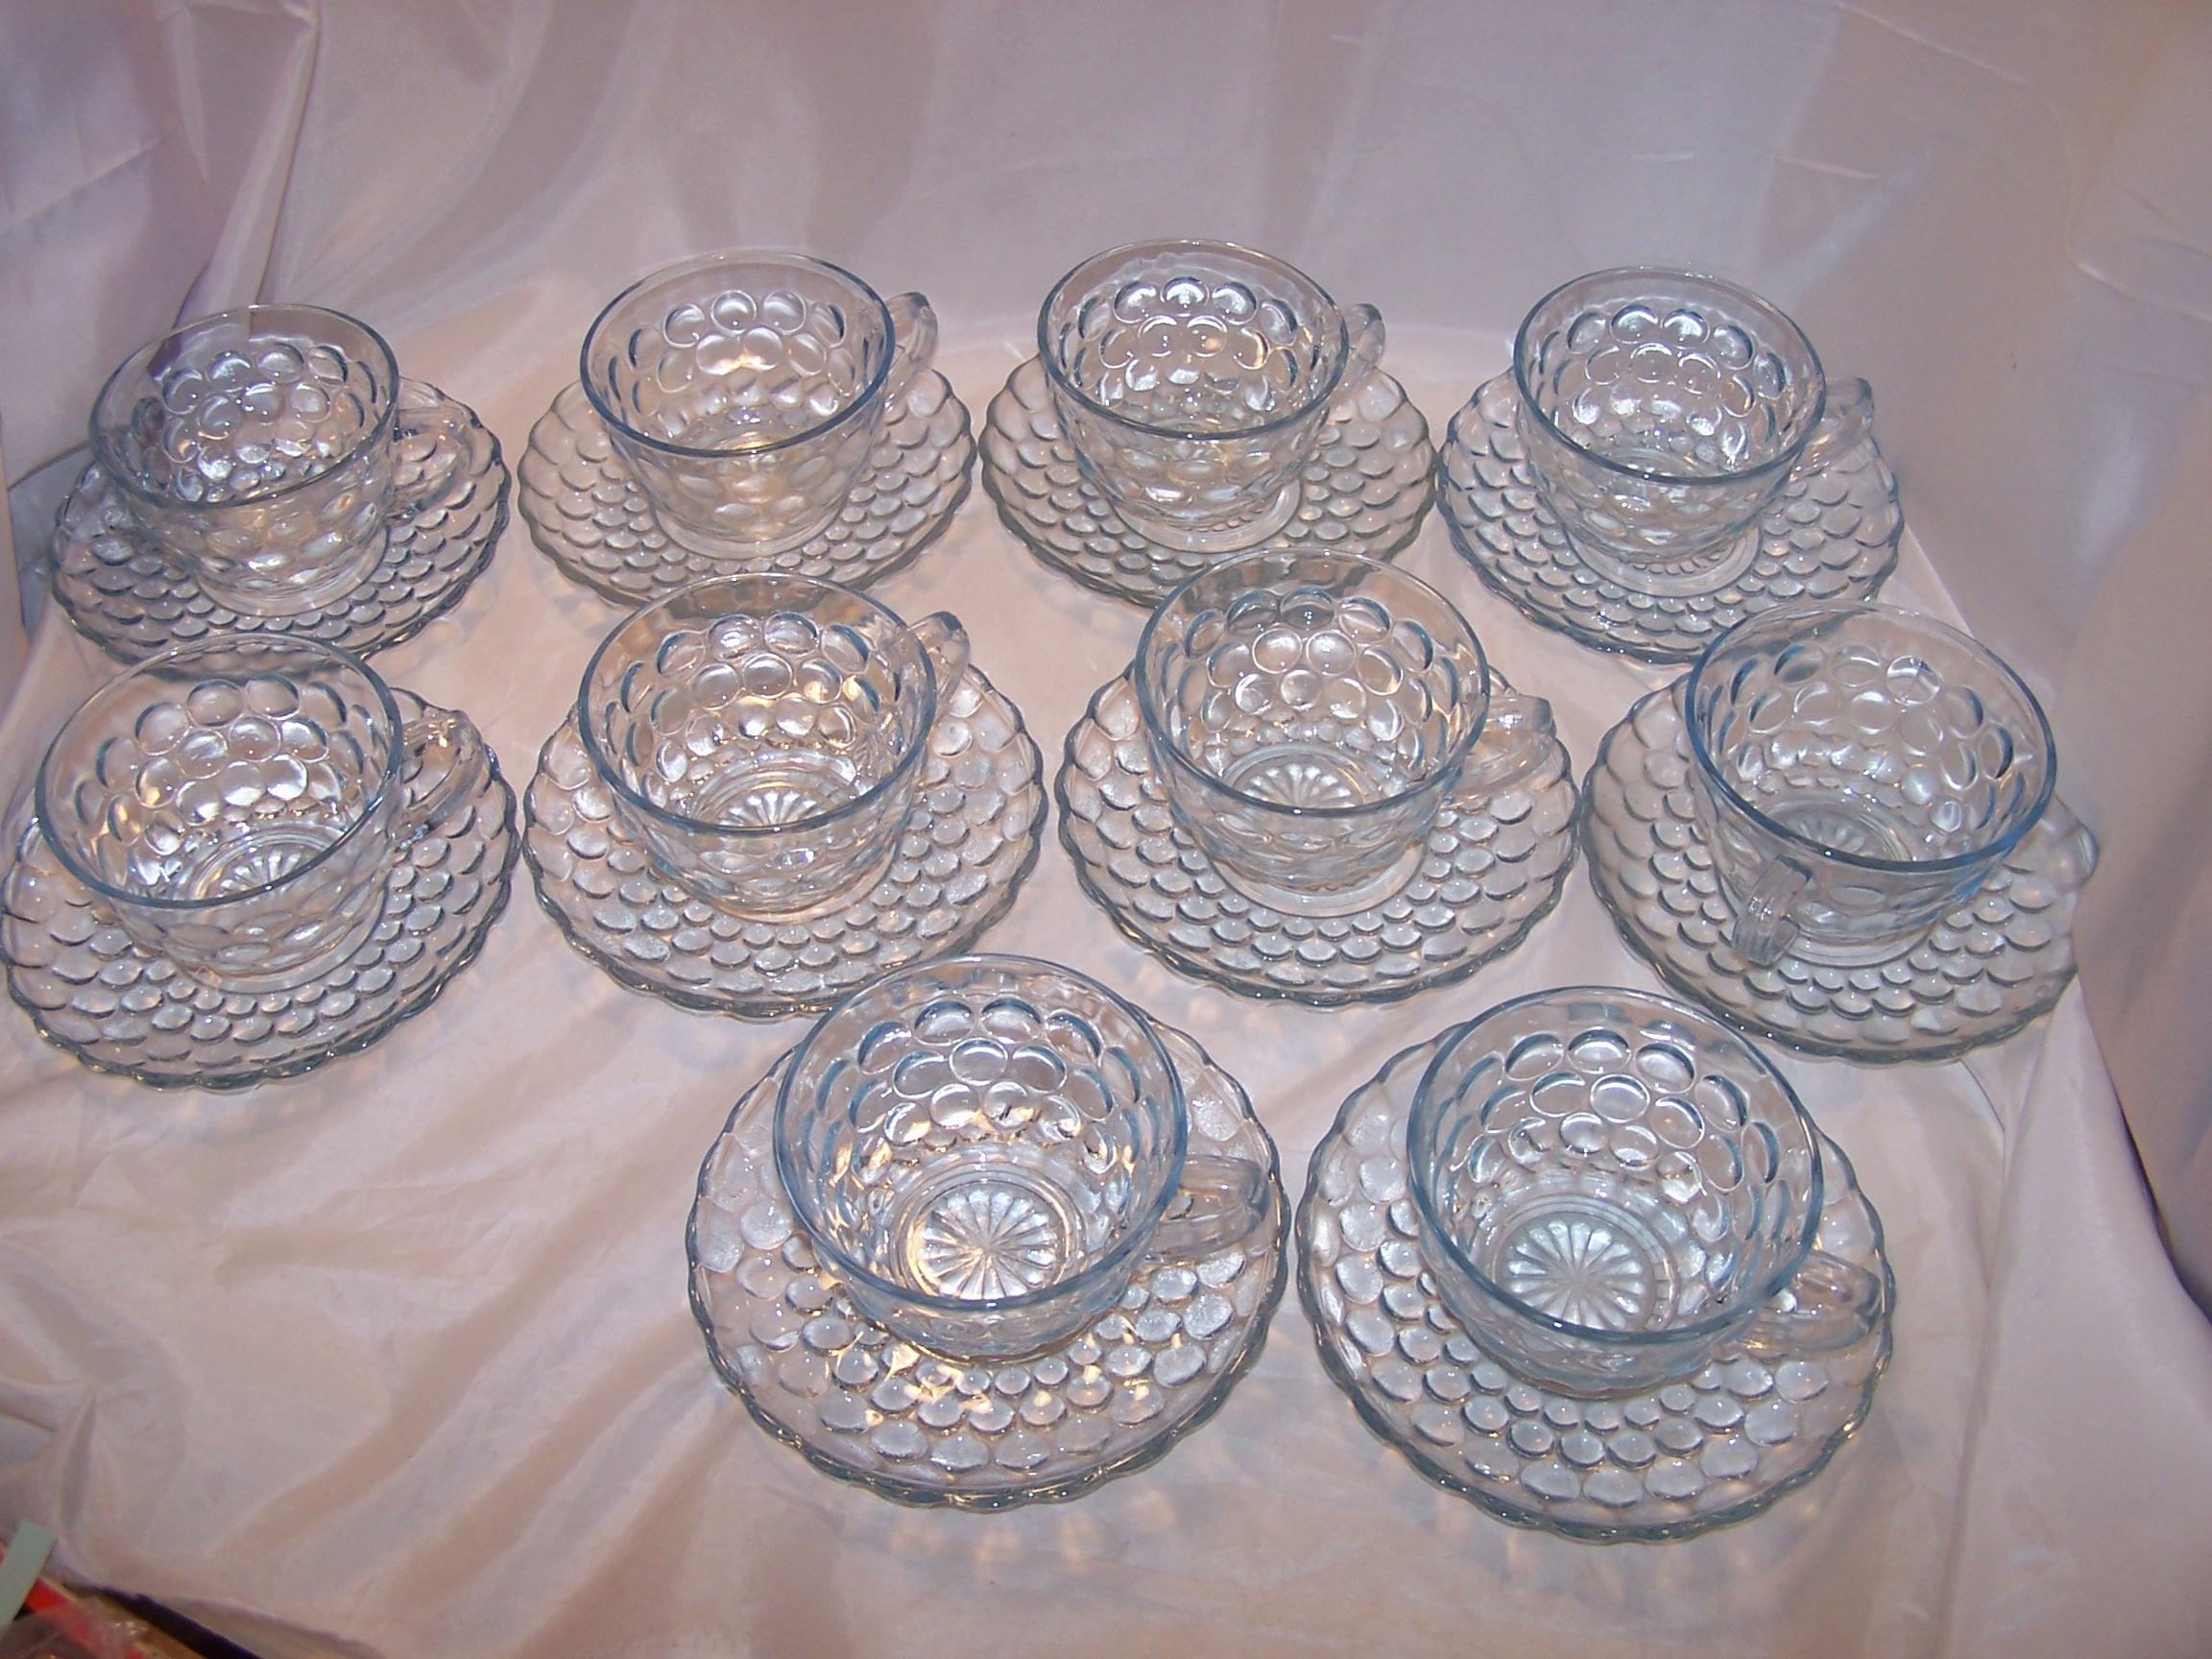 Image 8 of Hobnail Glass Teacup, Saucer Service for 10, Vintage